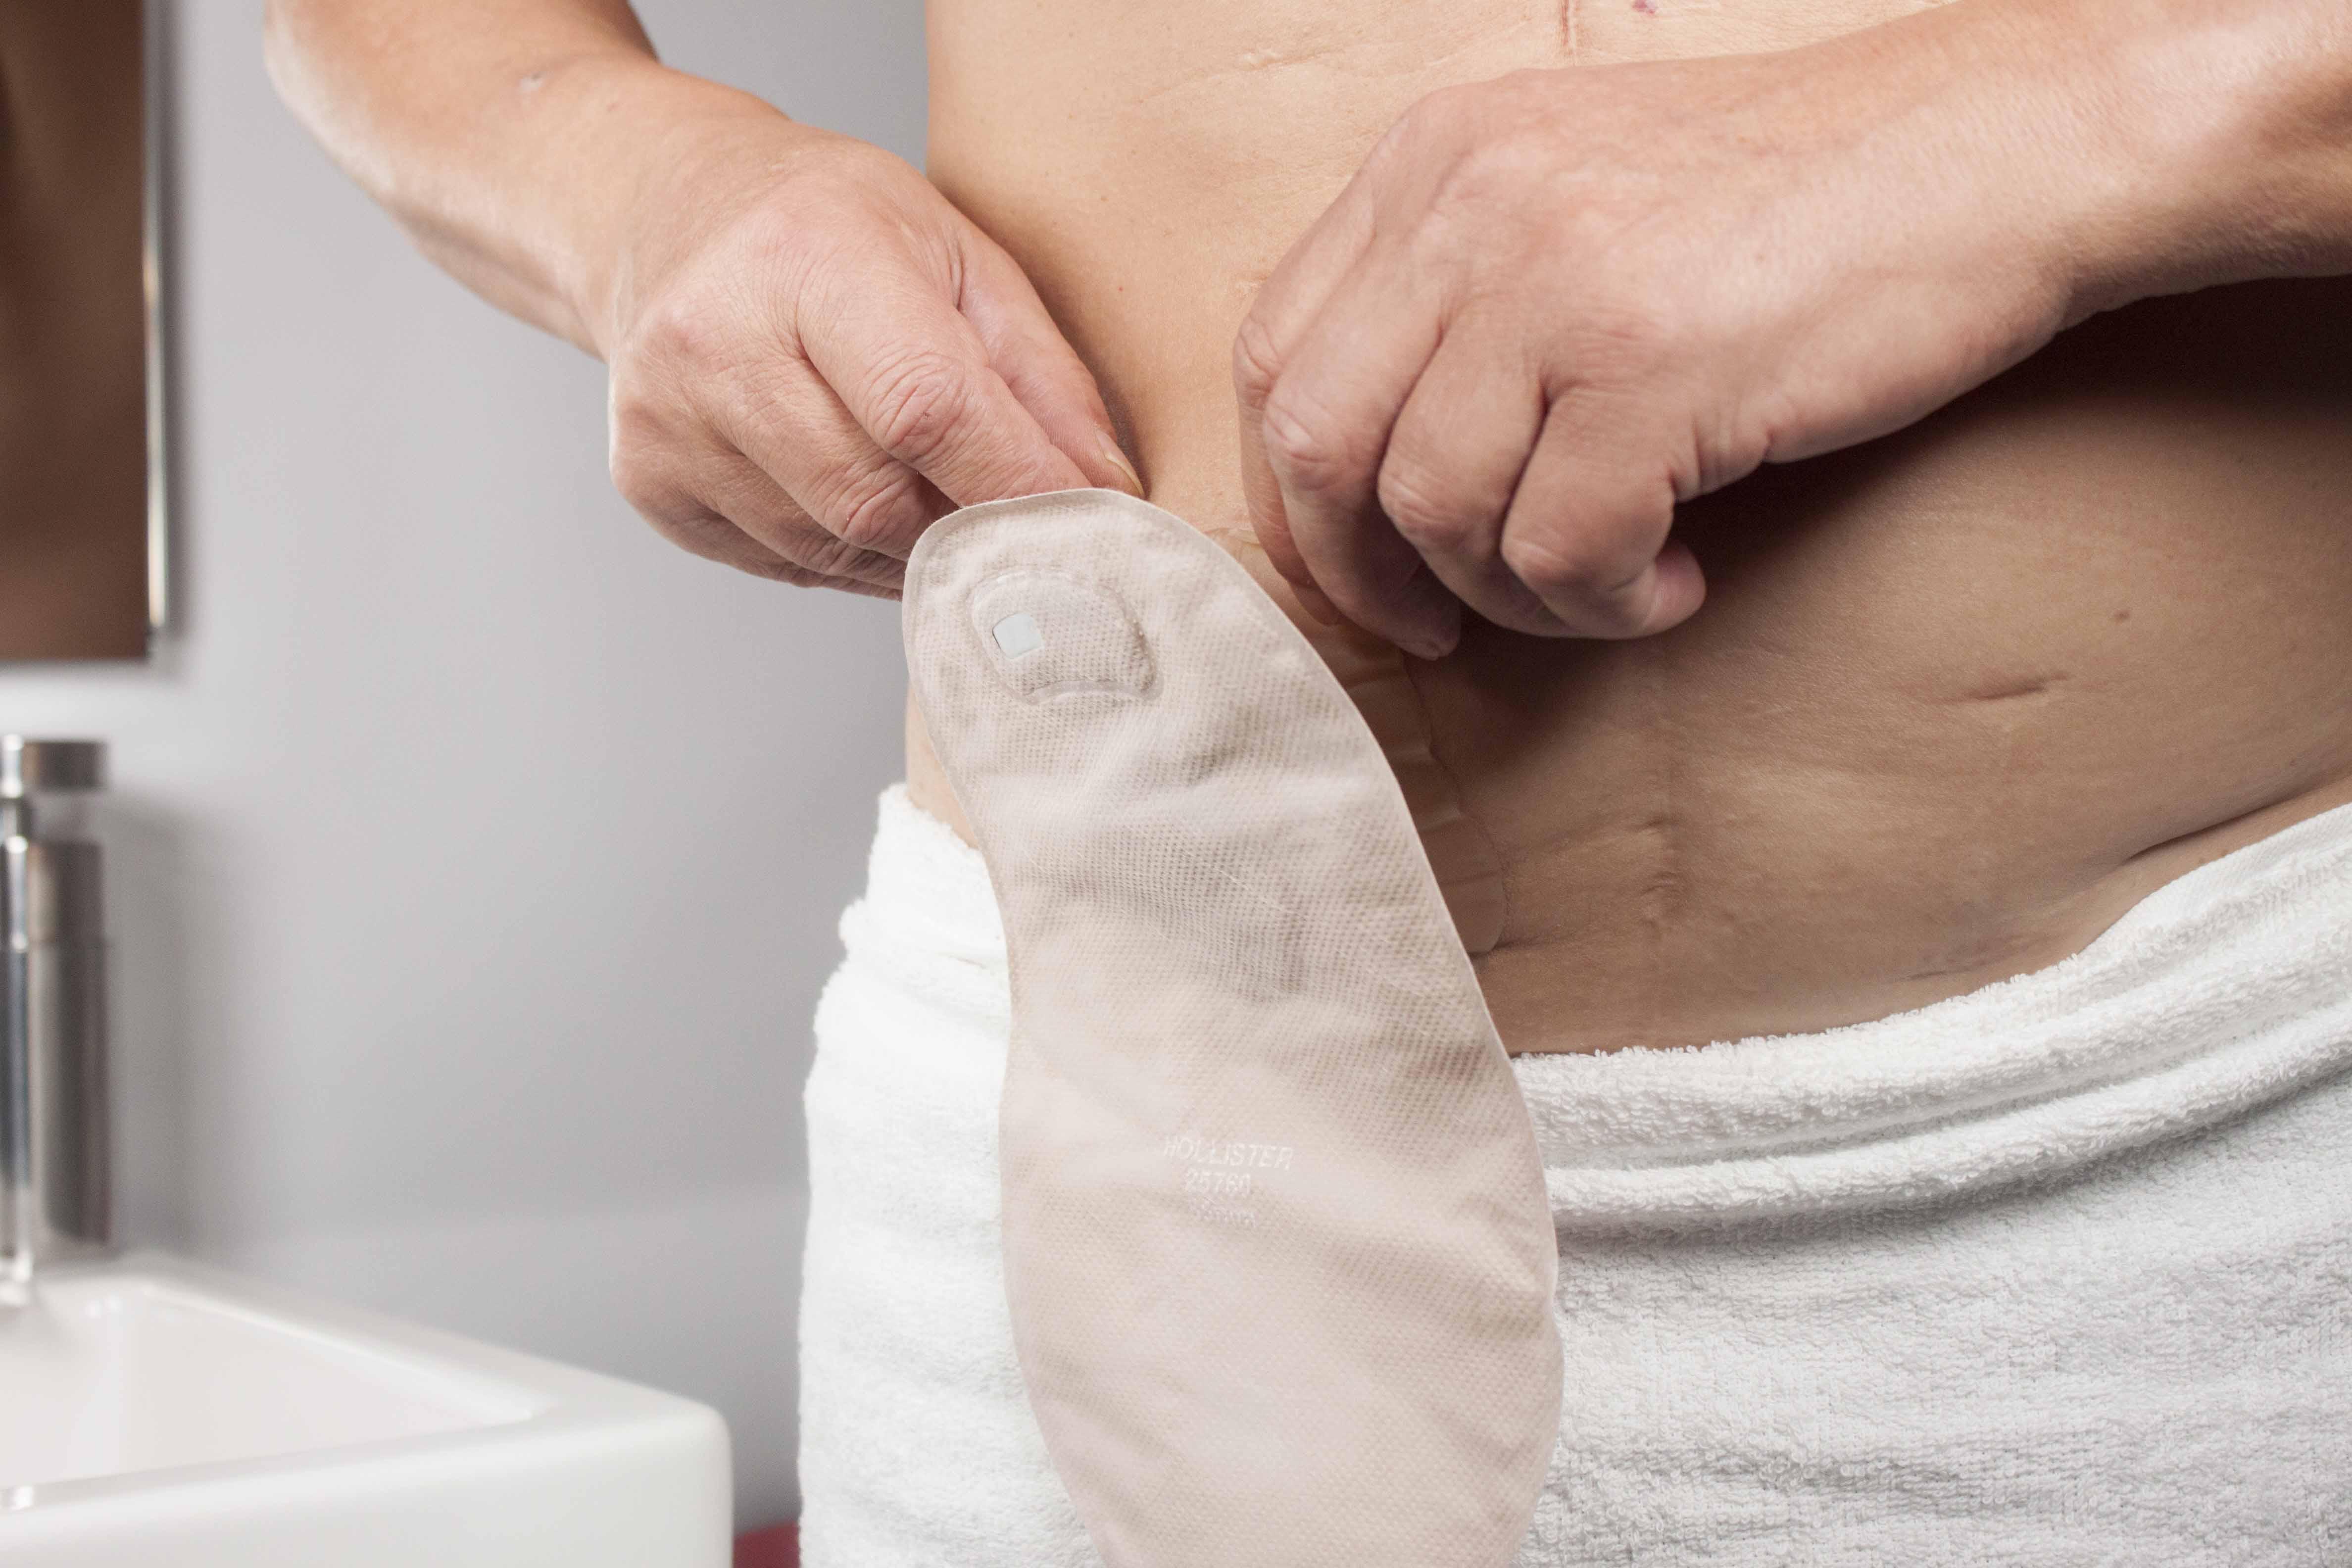 Enfermeras estomaterapeutas inician un estudio sobre la valoración que se hace en España sobre la piel periestomal